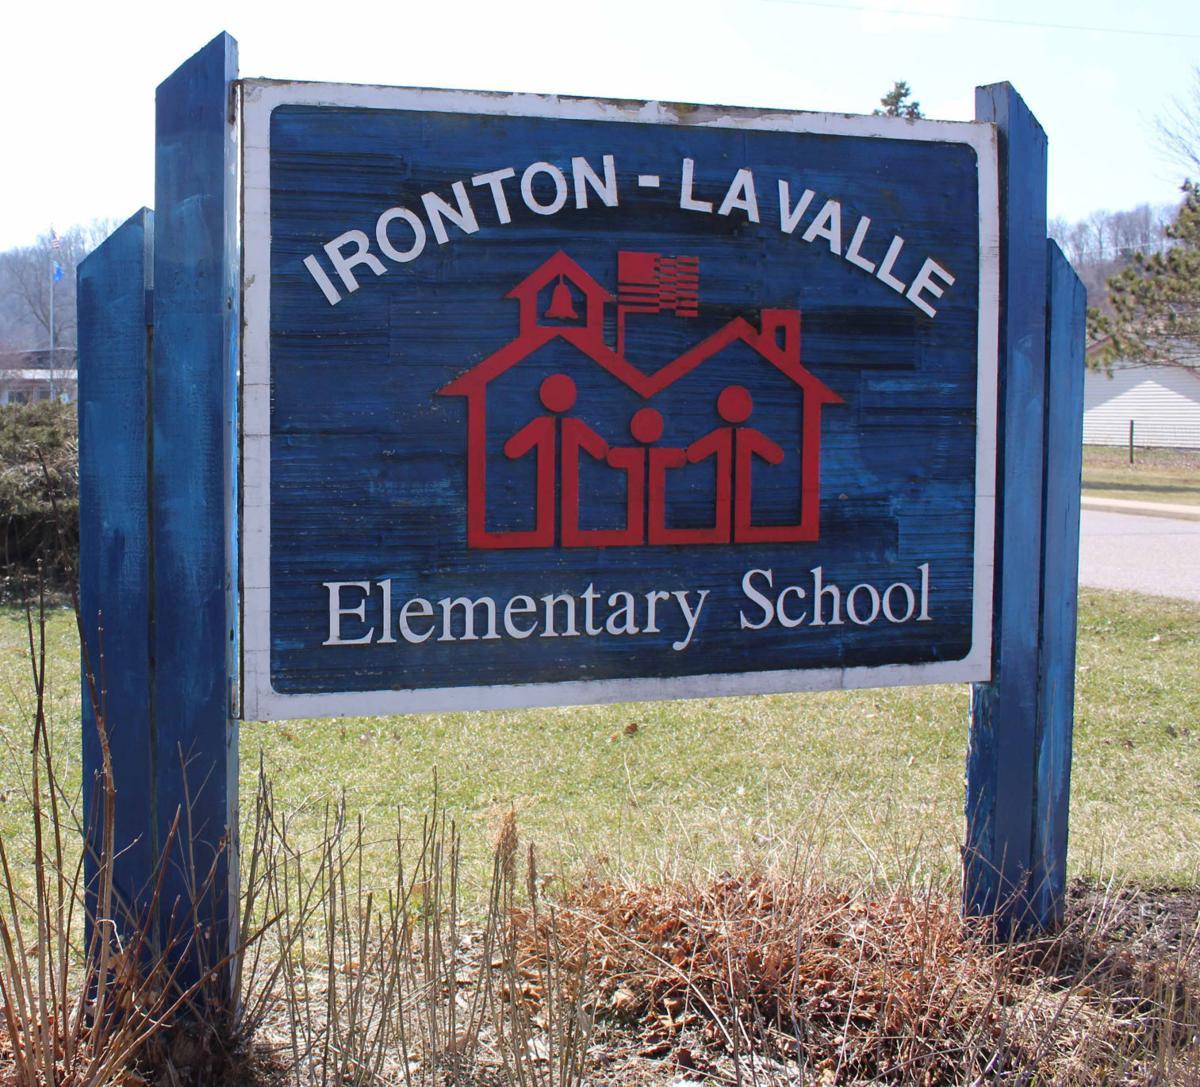 Ironton/La Valle Elementary School (copy)